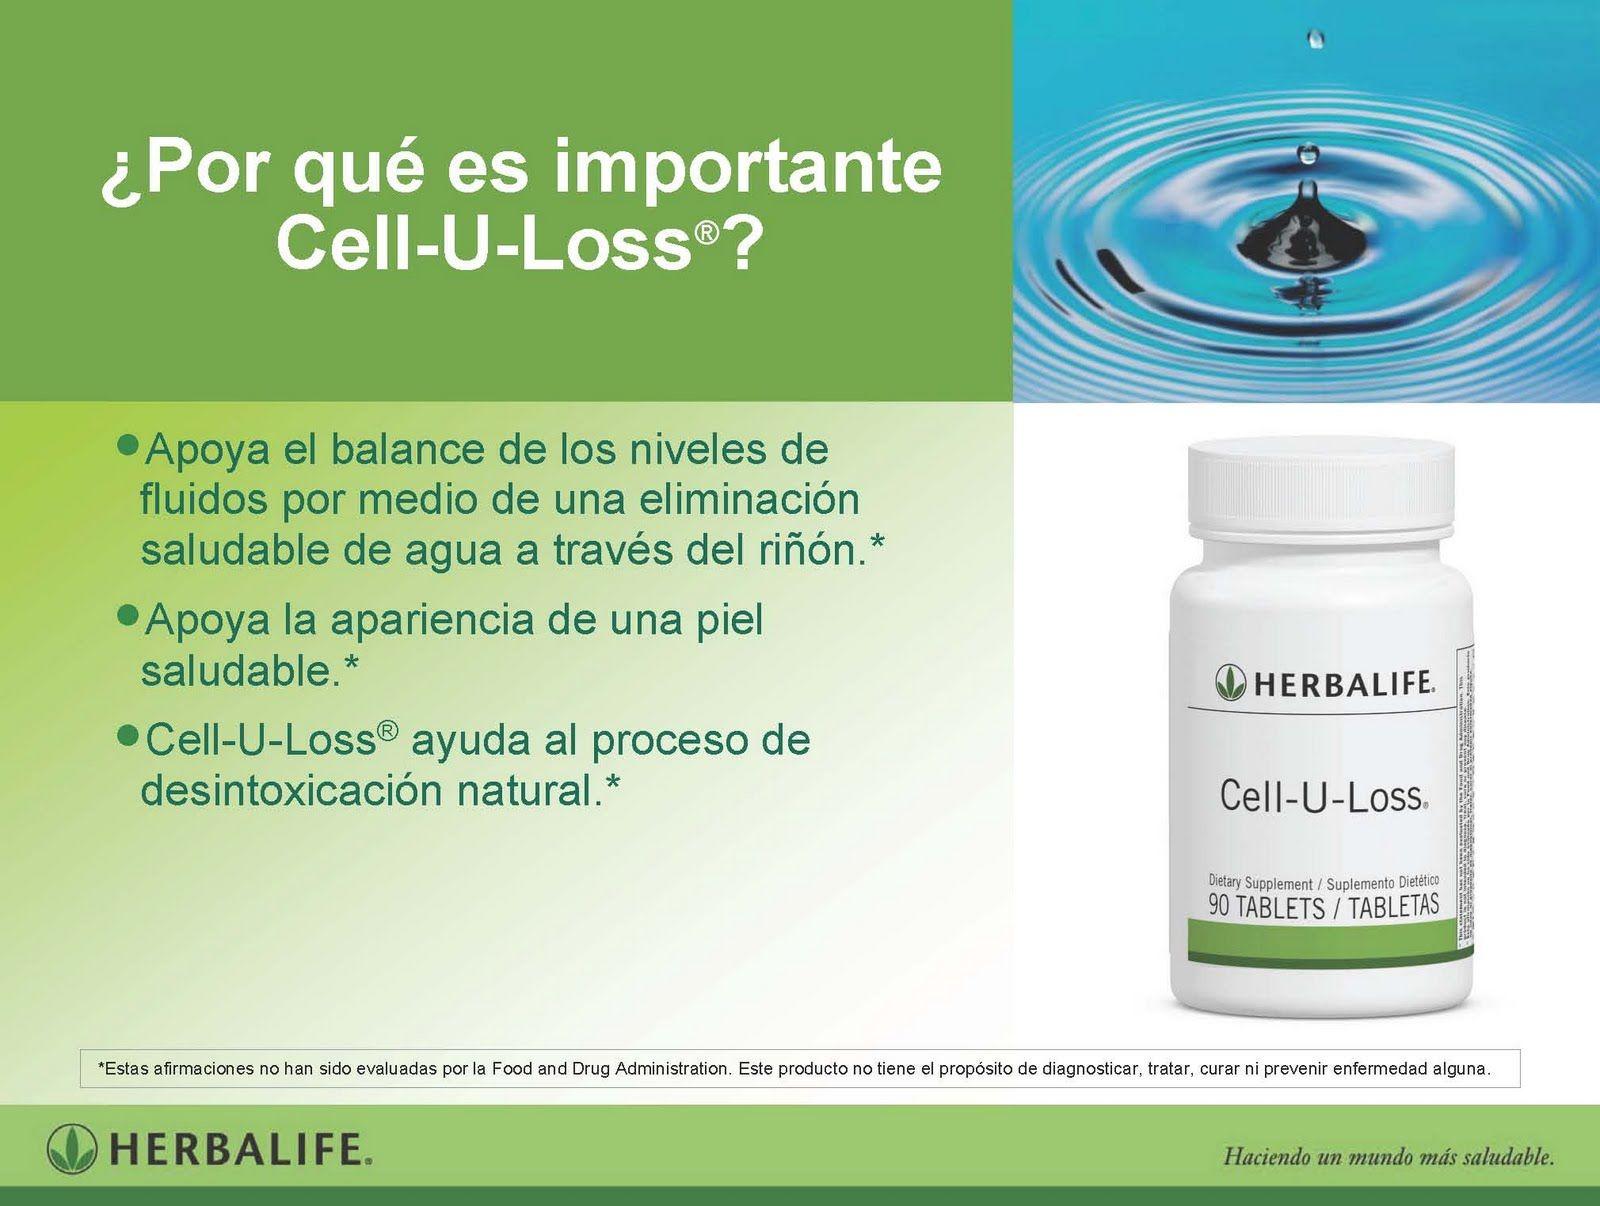 Cell-U-Loss es un limpiador biológico de las articulaciones.  Ayuda a la eliminación de exceso de líquido (celulitis) y mejora el aspecto de la piel. El incremento de líquido en el organismo produce la acumulación de toxinas en el cuerpo provocando la aparición de pozos y la hinchazón de la piel (retención de líquido).